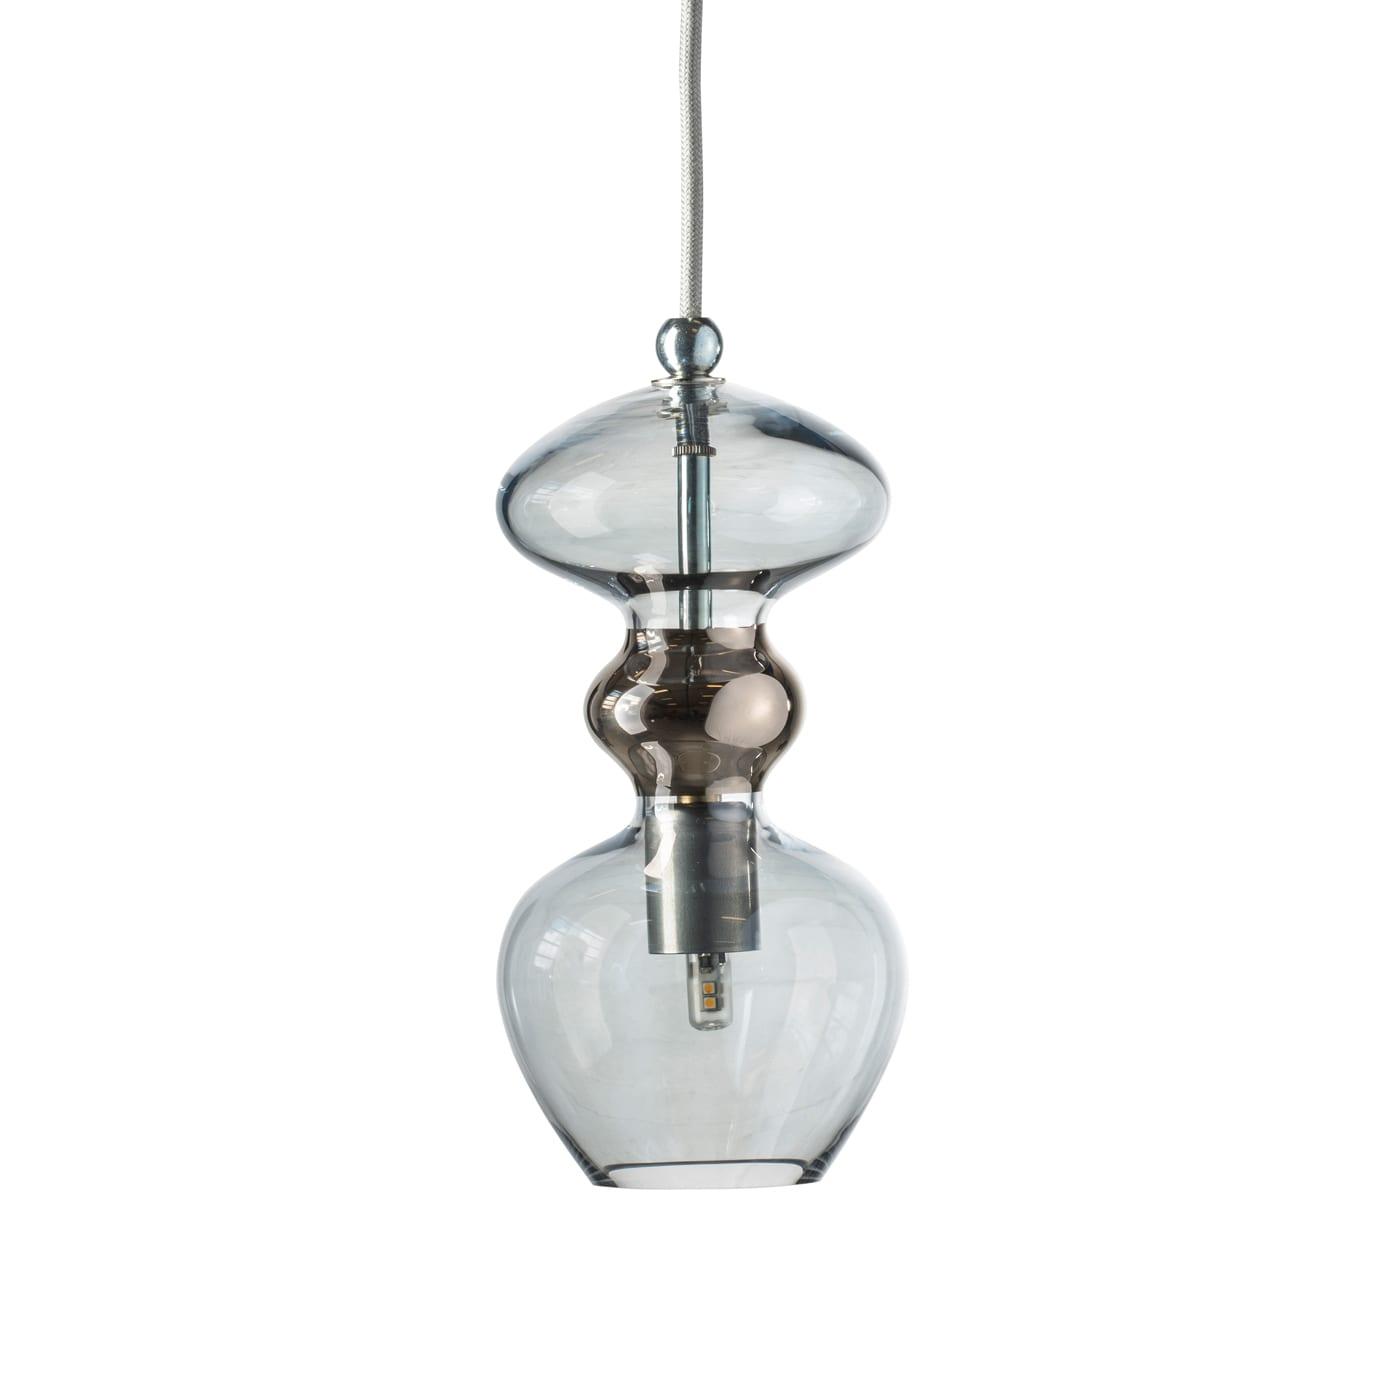 Futura Pendant Lamp, Topaz Blue/Platinum, 24cmH